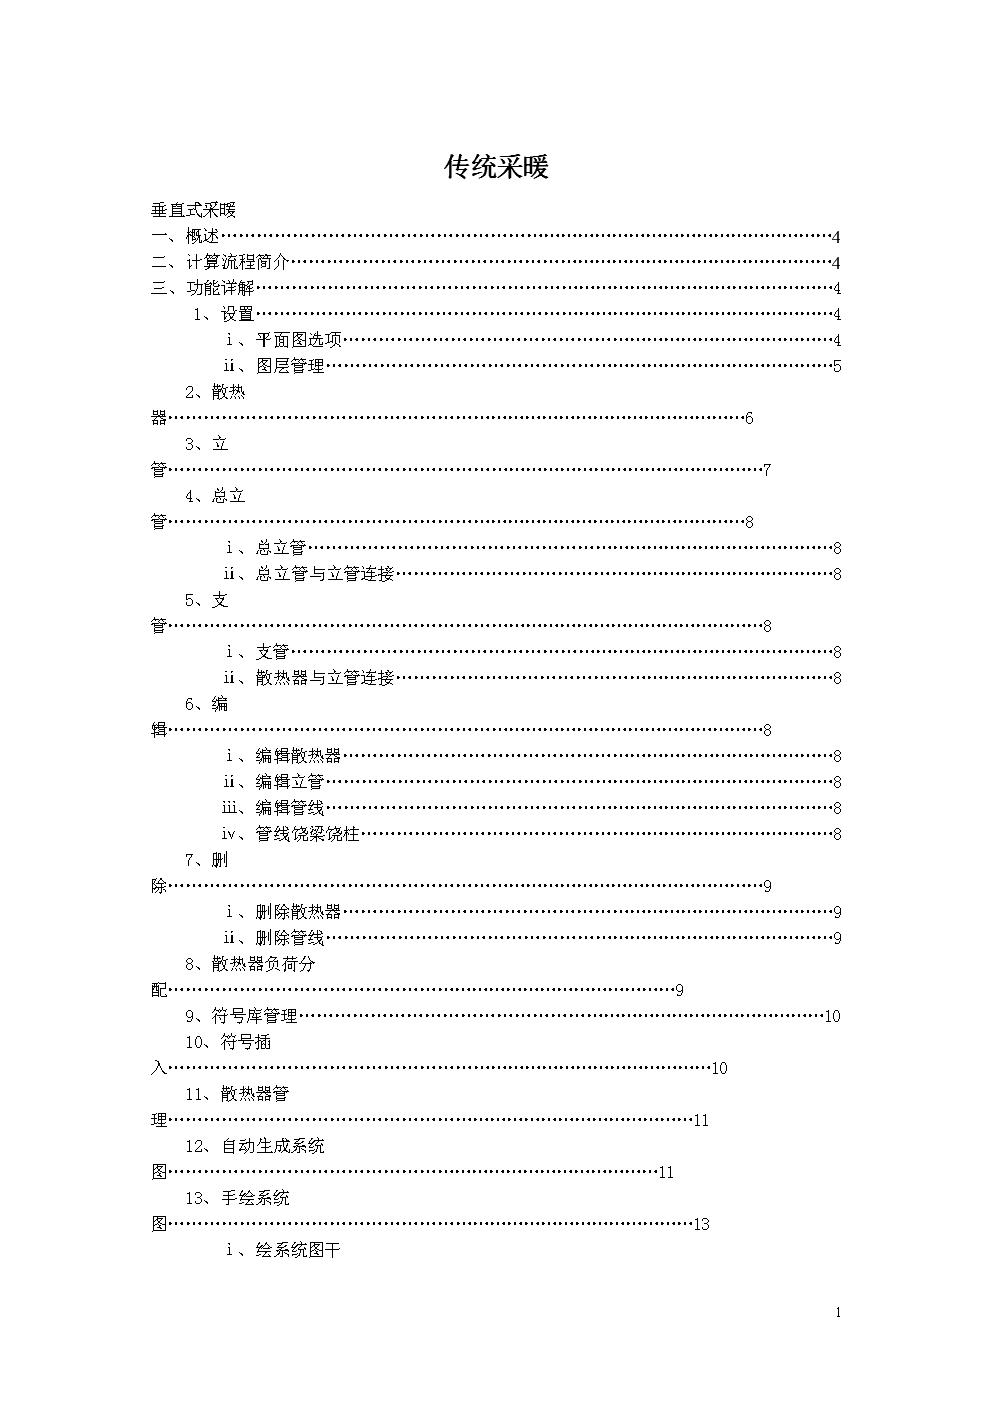 暖通6.5补充手册.doc